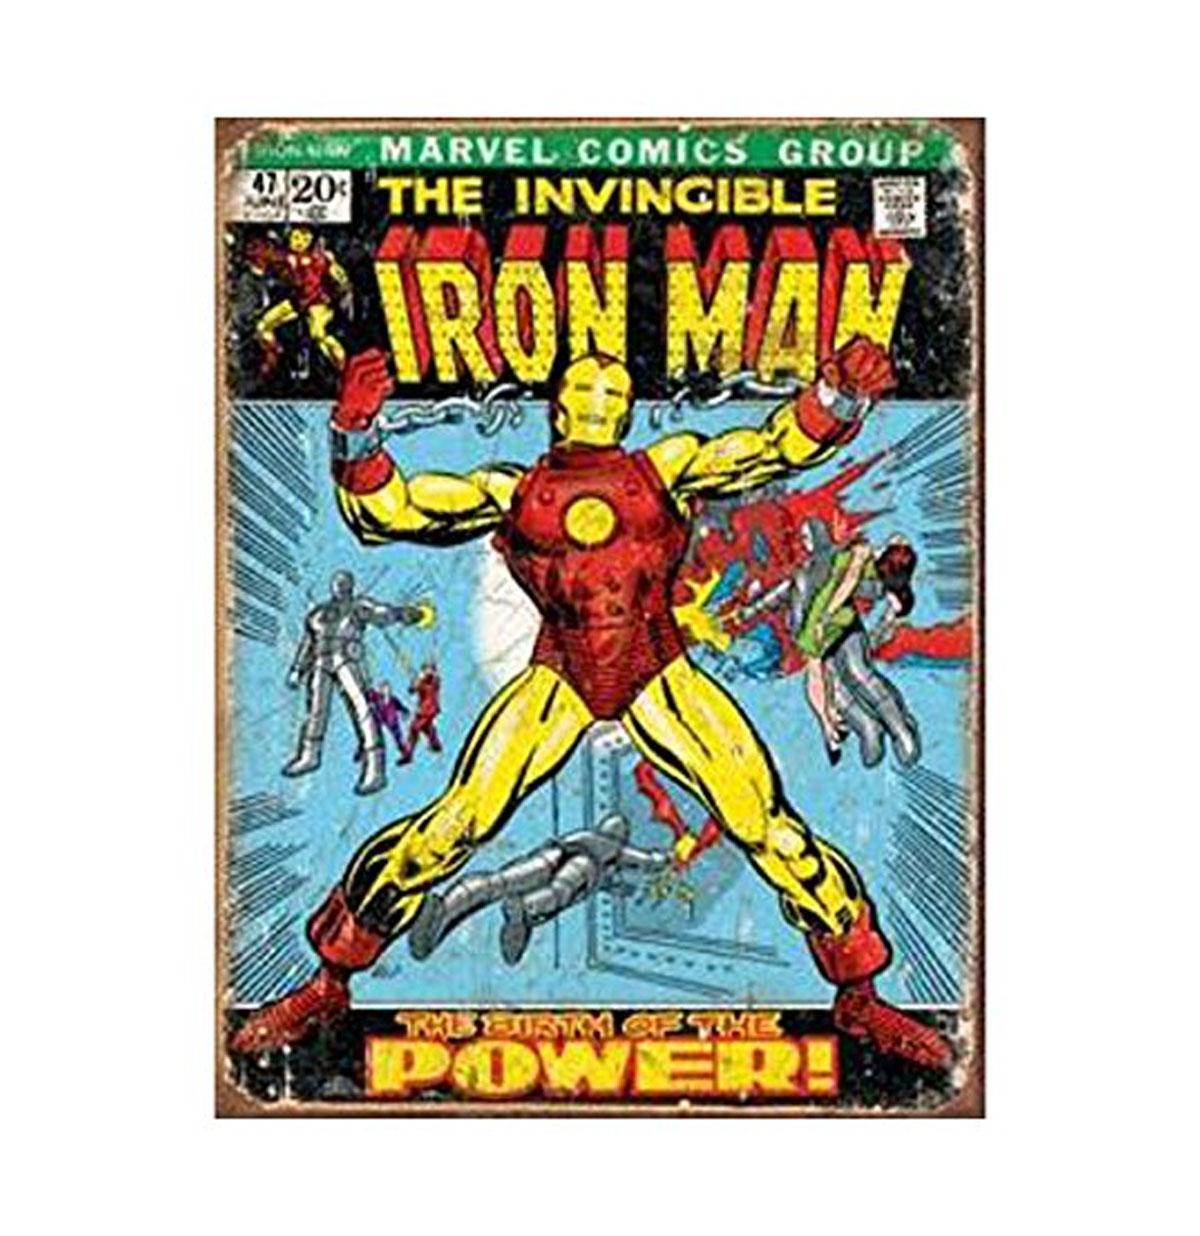 The Invincible Iron Man Marvel Comics Metalen Poster